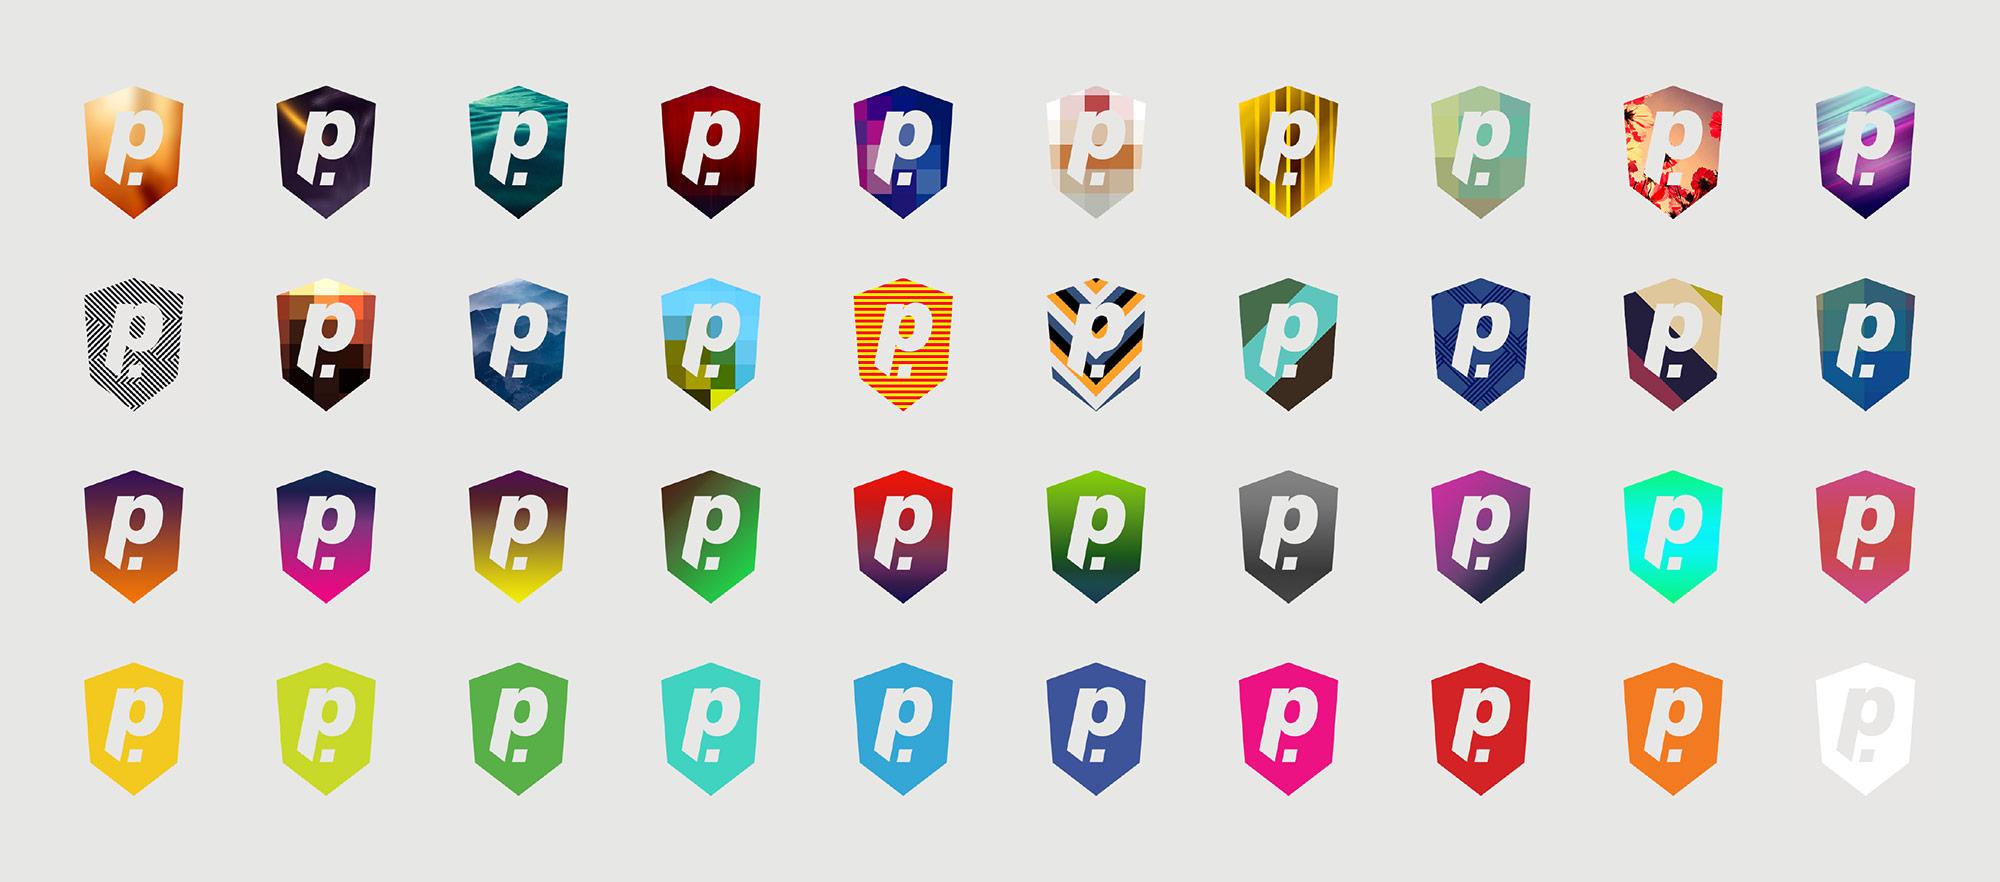 p_Logos2